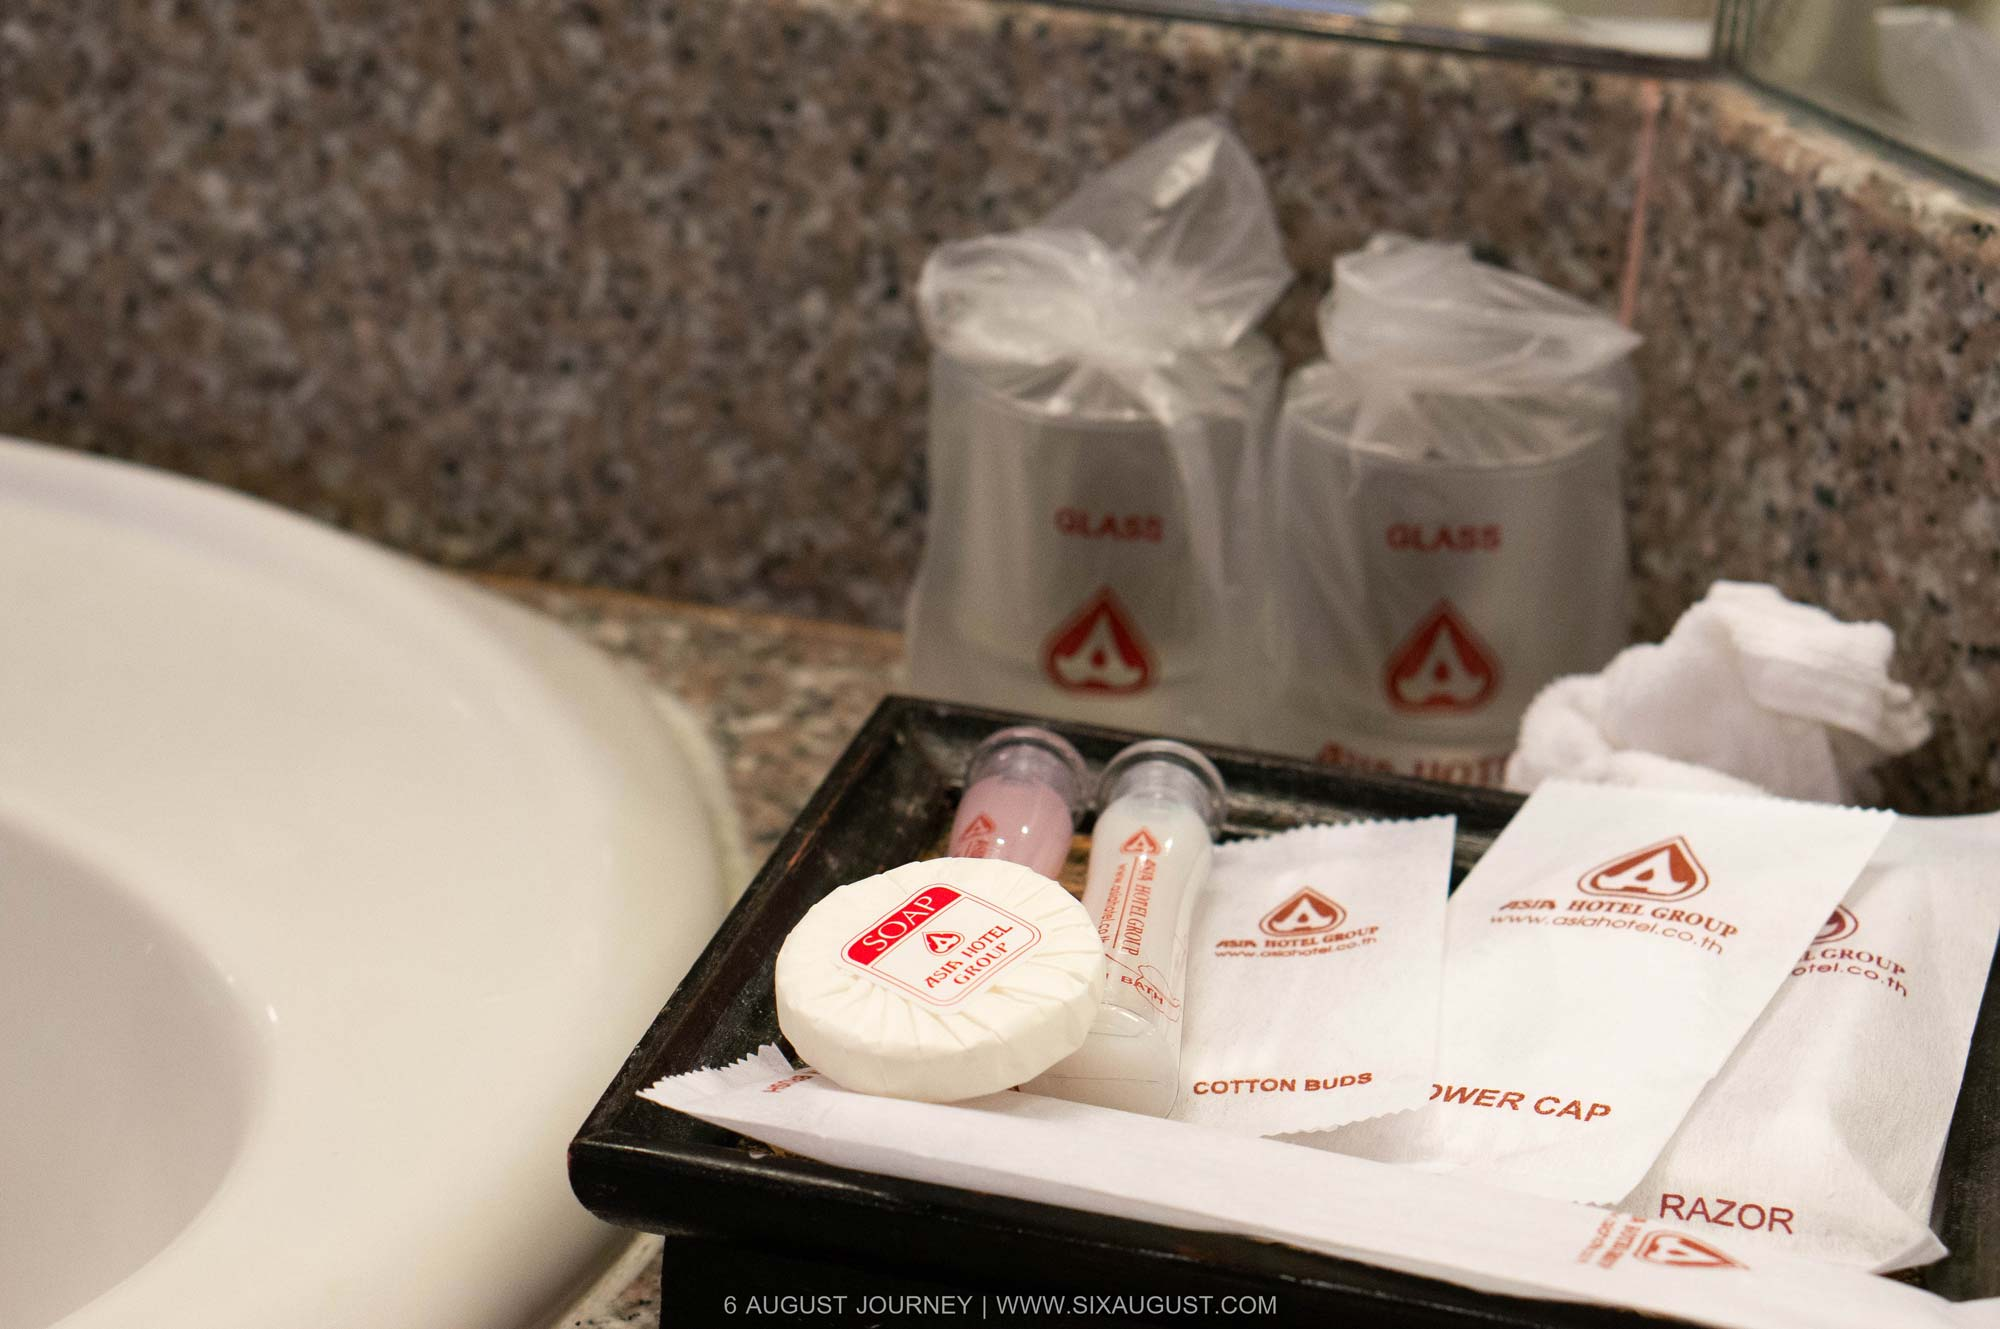 อุปกรณ์อาบน้ำ โรงแรมเอเชีย รีวิว